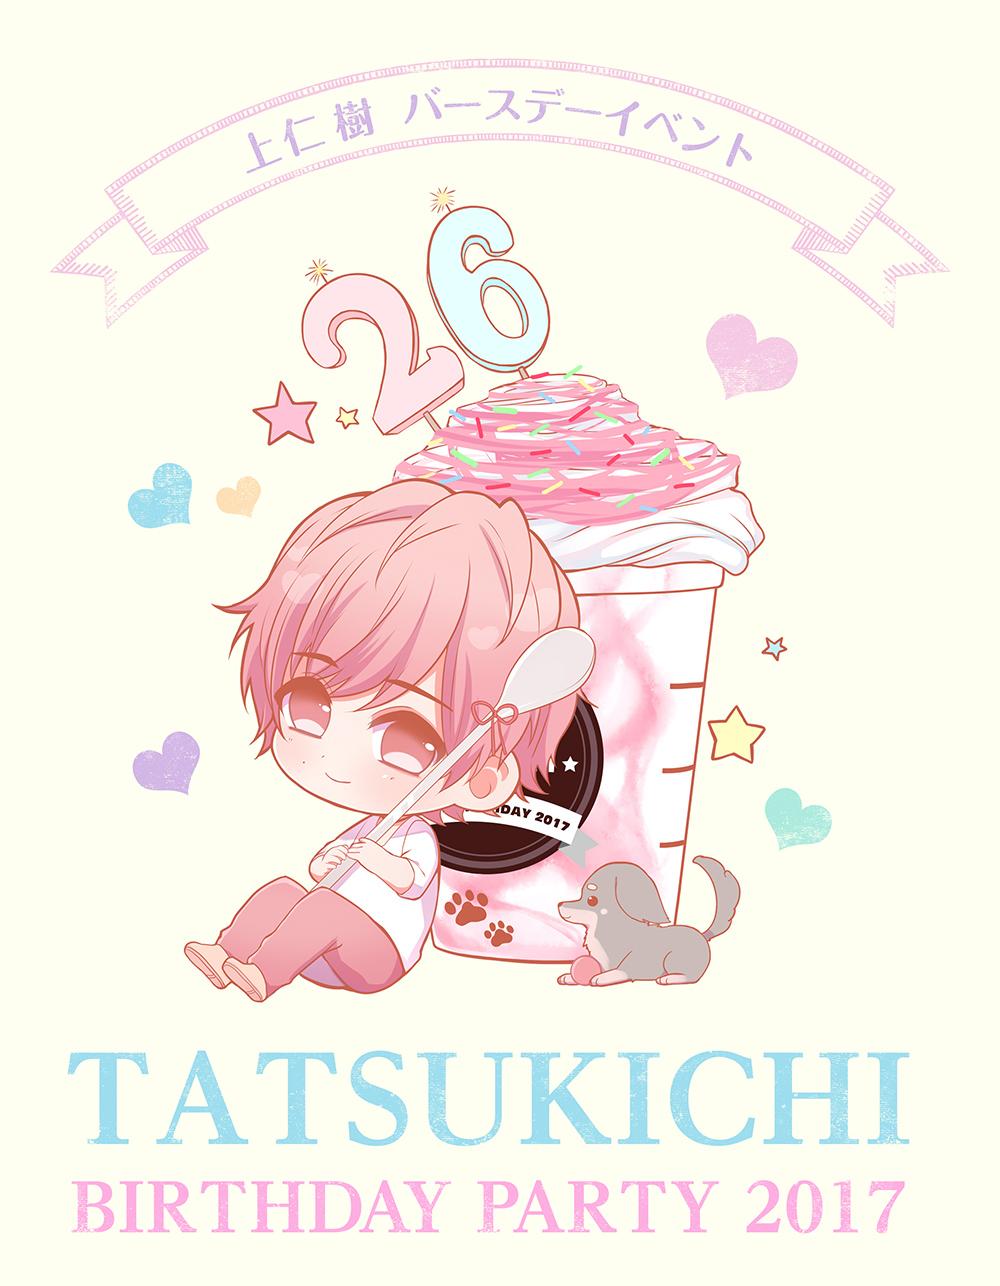 上仁樹バースデーイベント -TATSUKICHI BIRTHDAY PARTY 2017-